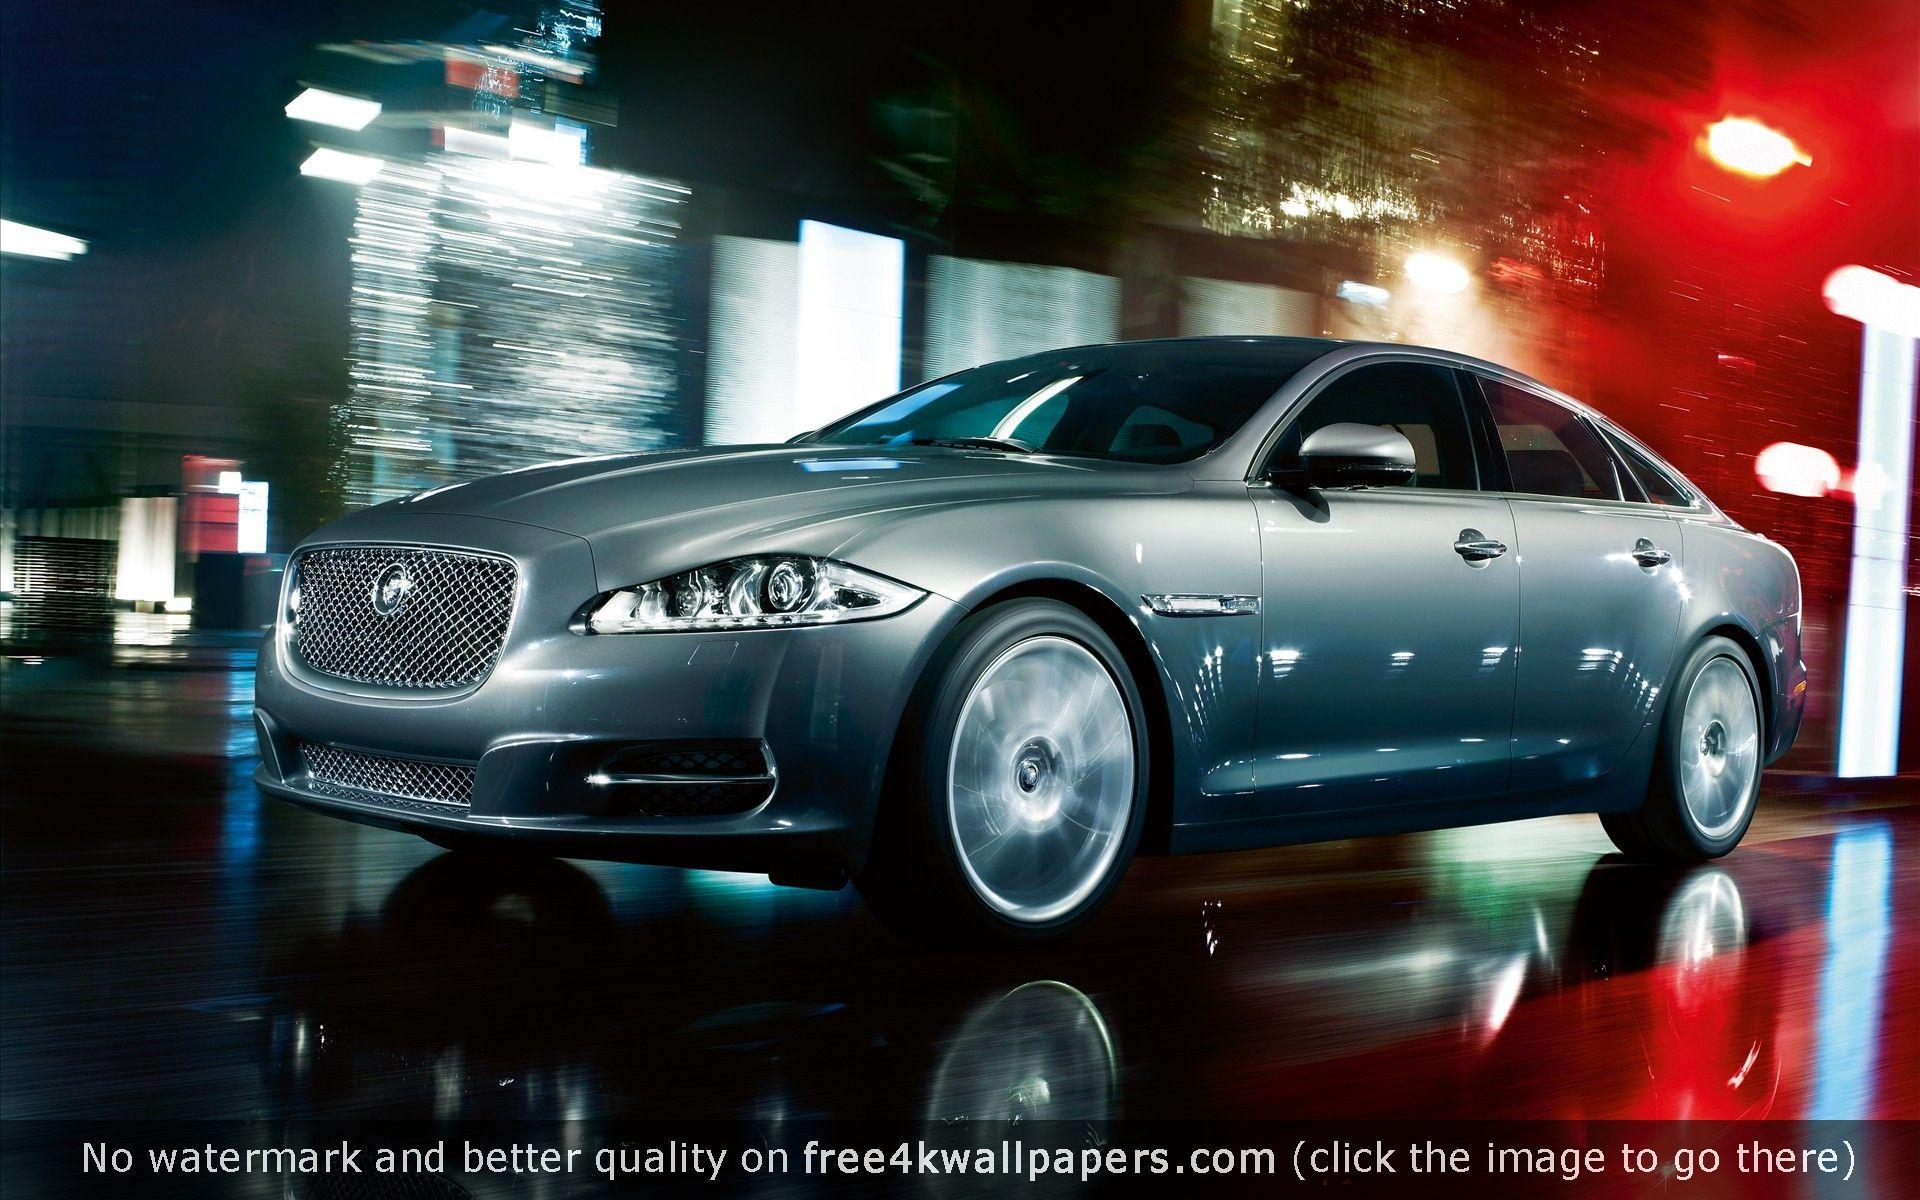 Explore jaguar xjl jaguar cars and more